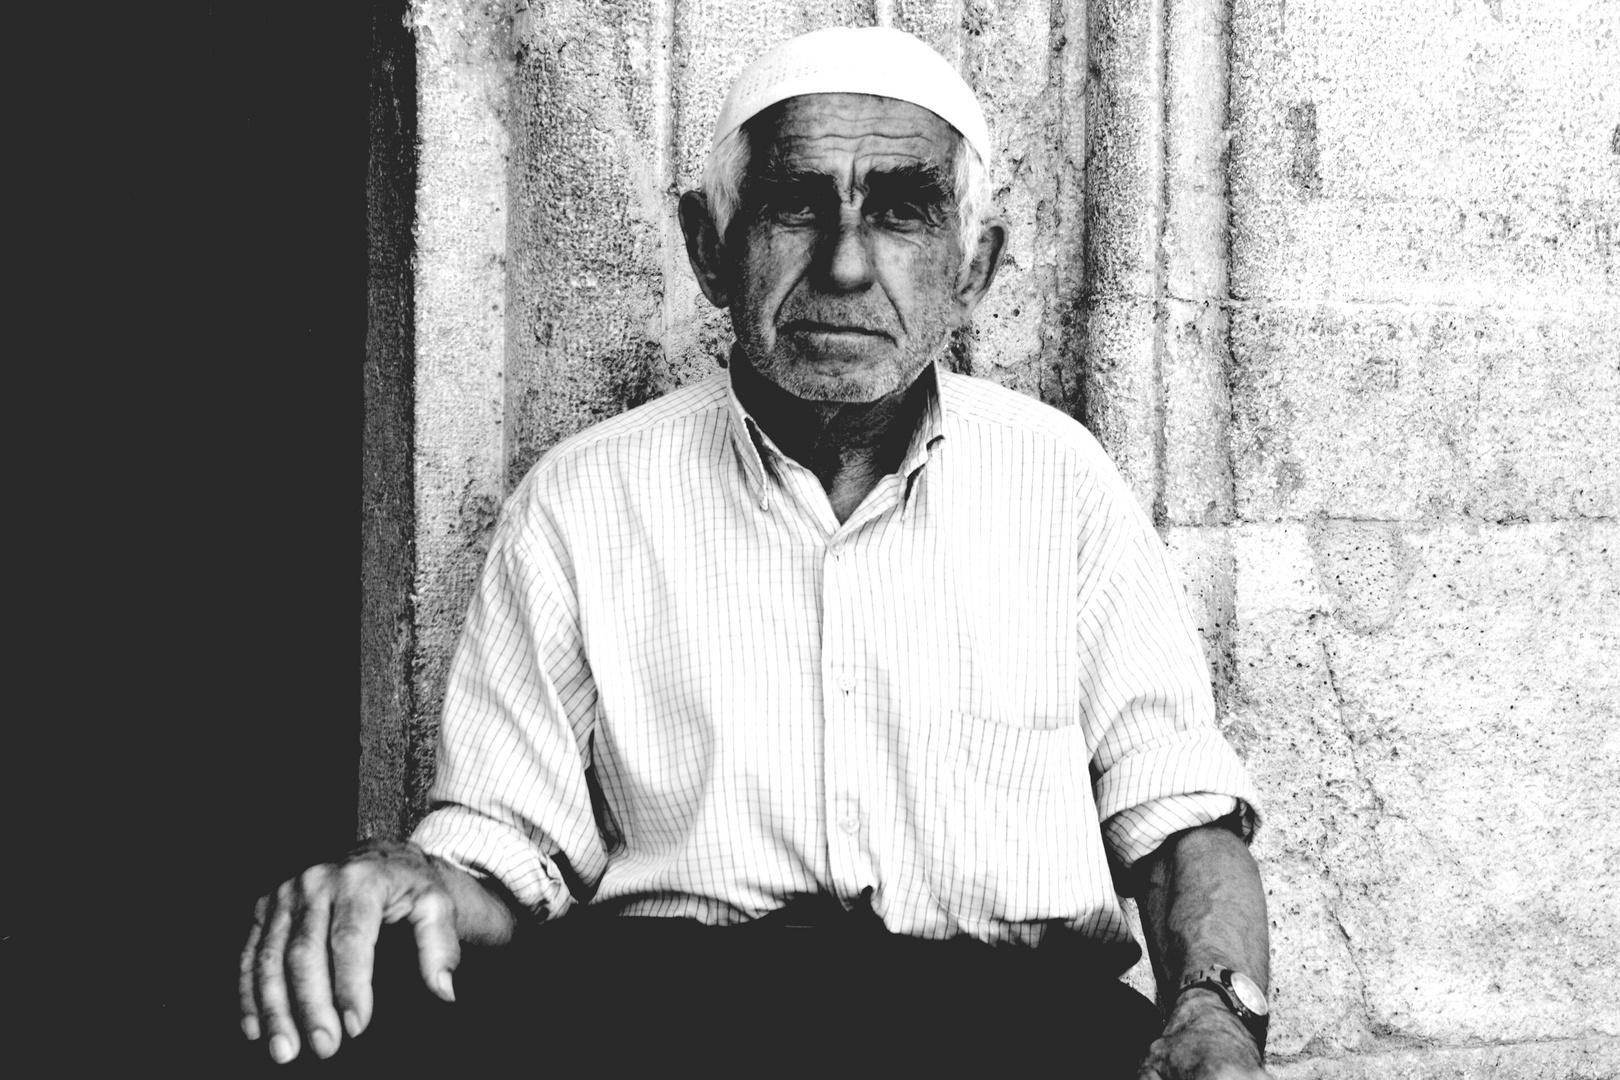 Albaner in Tirana